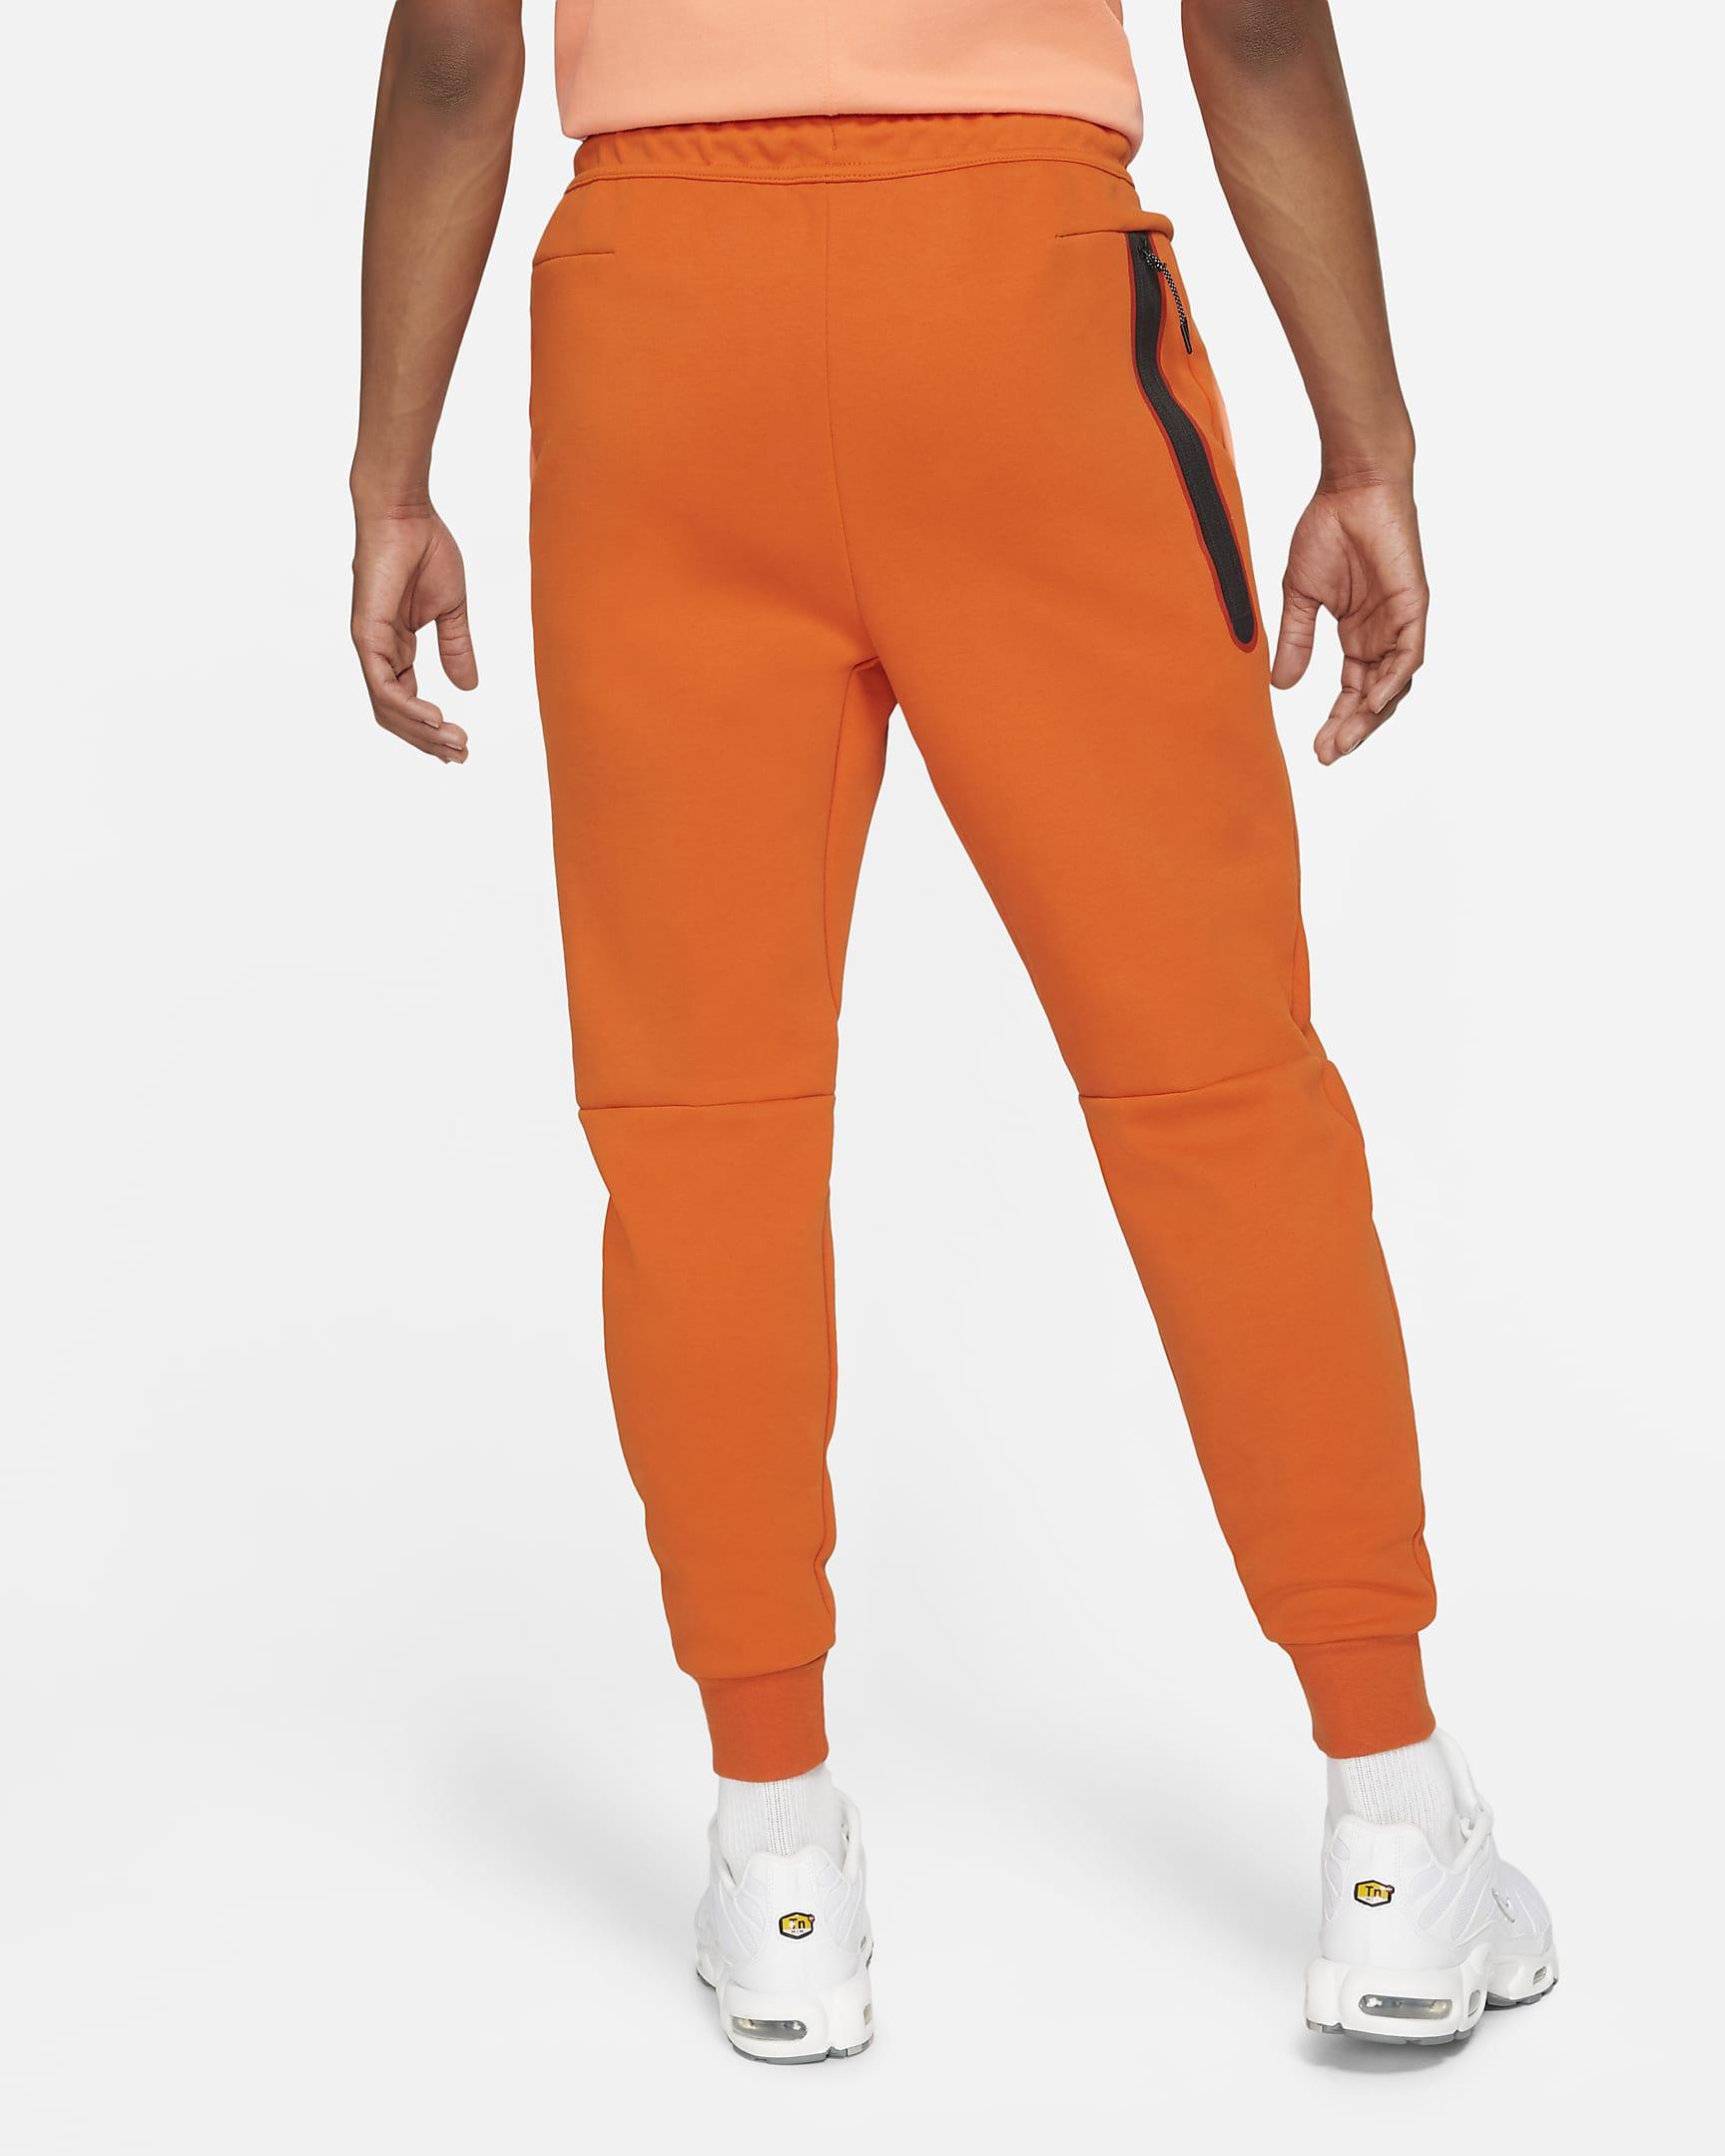 sportswear-tech-fleece-mens-joggers-4x29ft-1.png